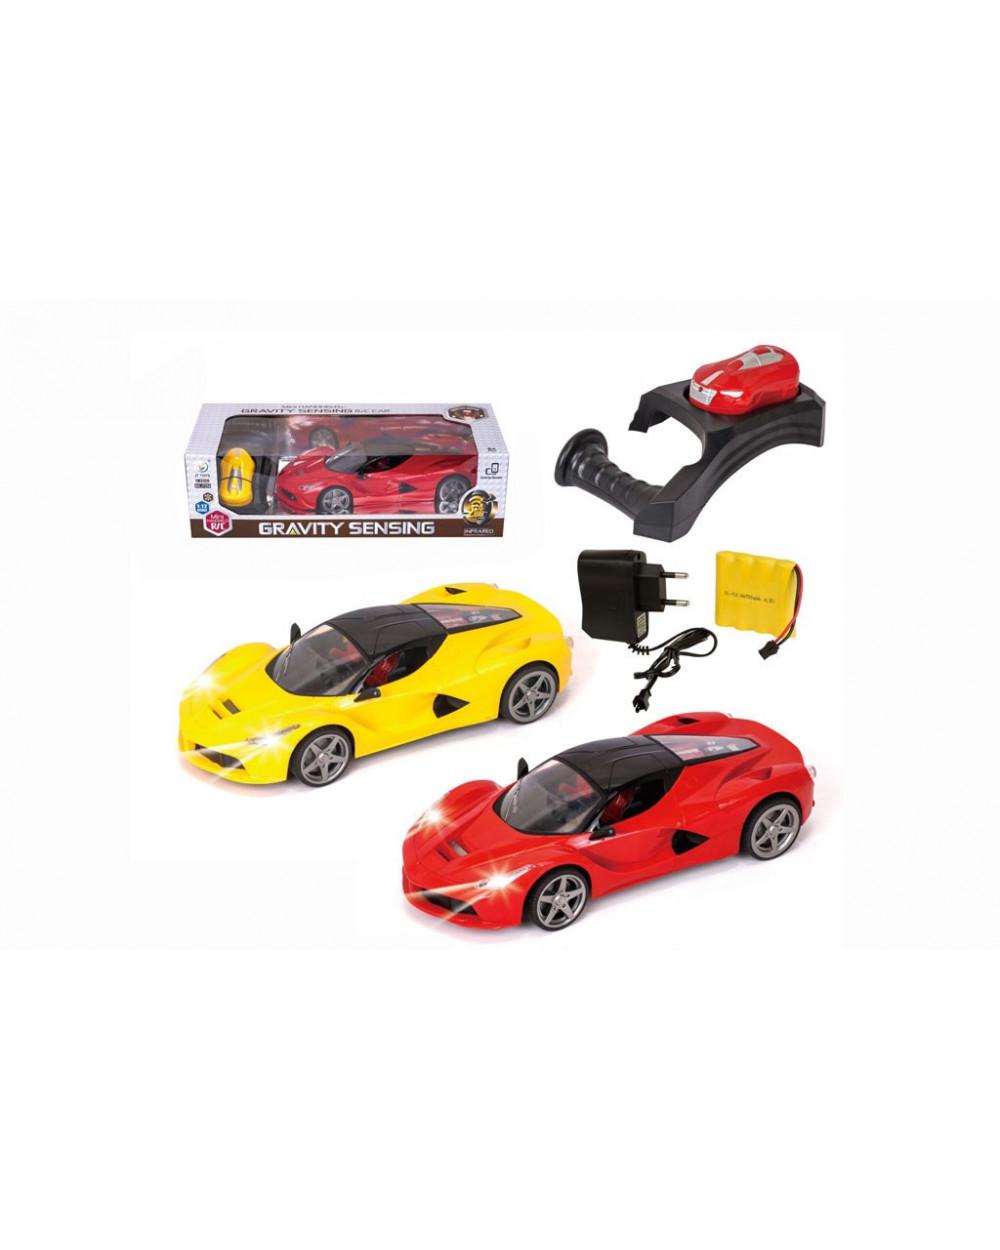 Ocie jt toys carro control remoto OTC0868273